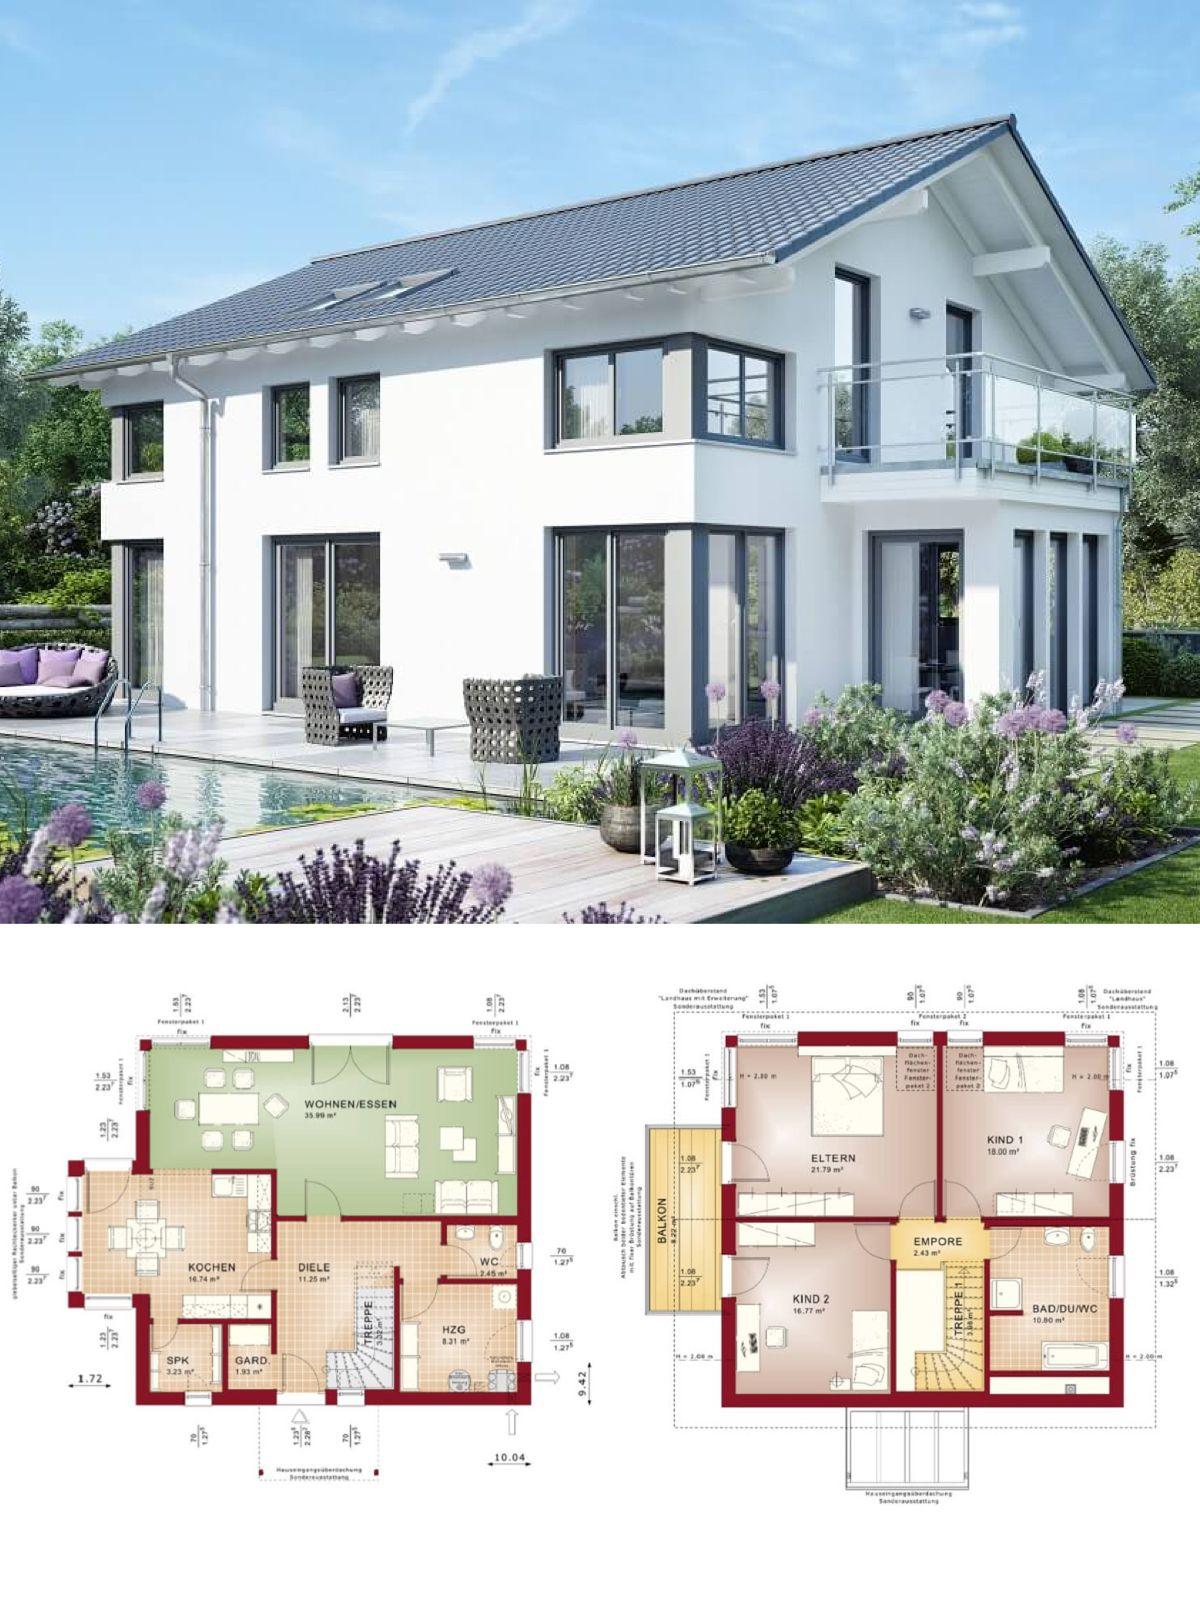 Modernes design haus mit satteldach einfamilienhaus for Modernes einfamilienhaus grundriss